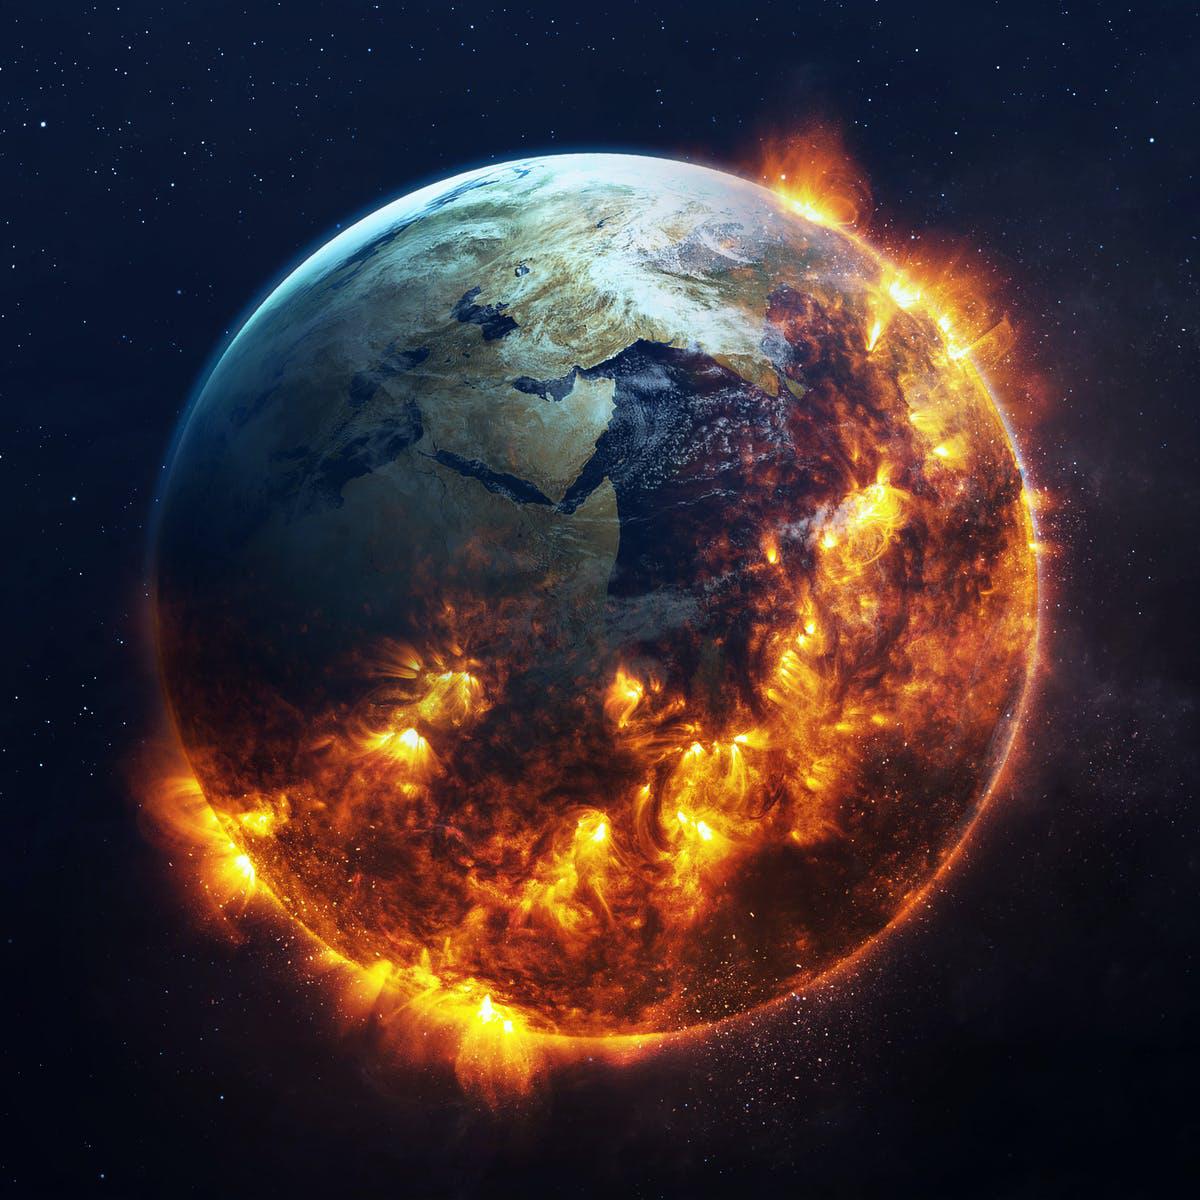 Cảnh báo Trái đất bước vào kỷ nguyên đại tuyệt chủng lần thứ sáu - Ảnh 1.